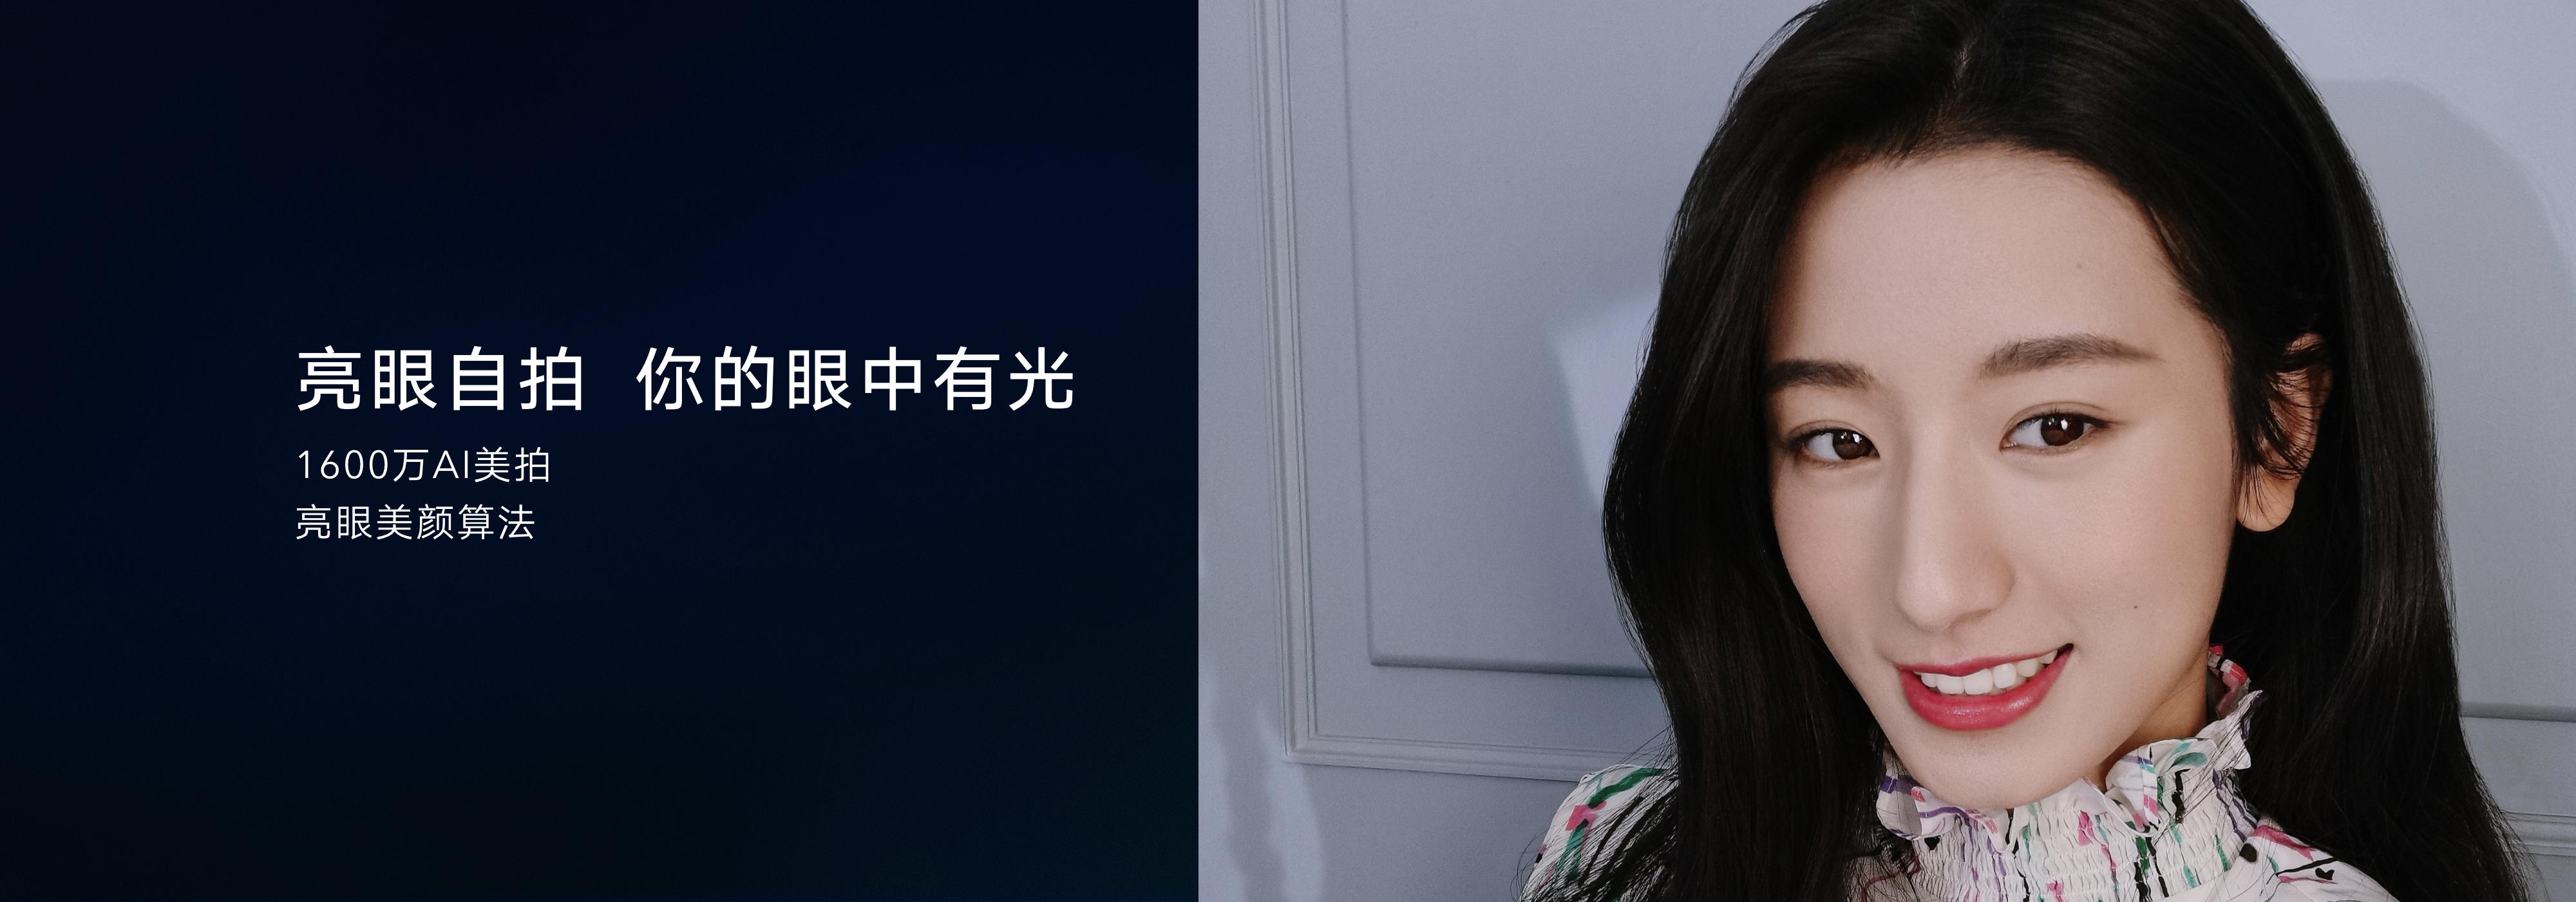 荣耀30S发布会胶片.043.jpeg